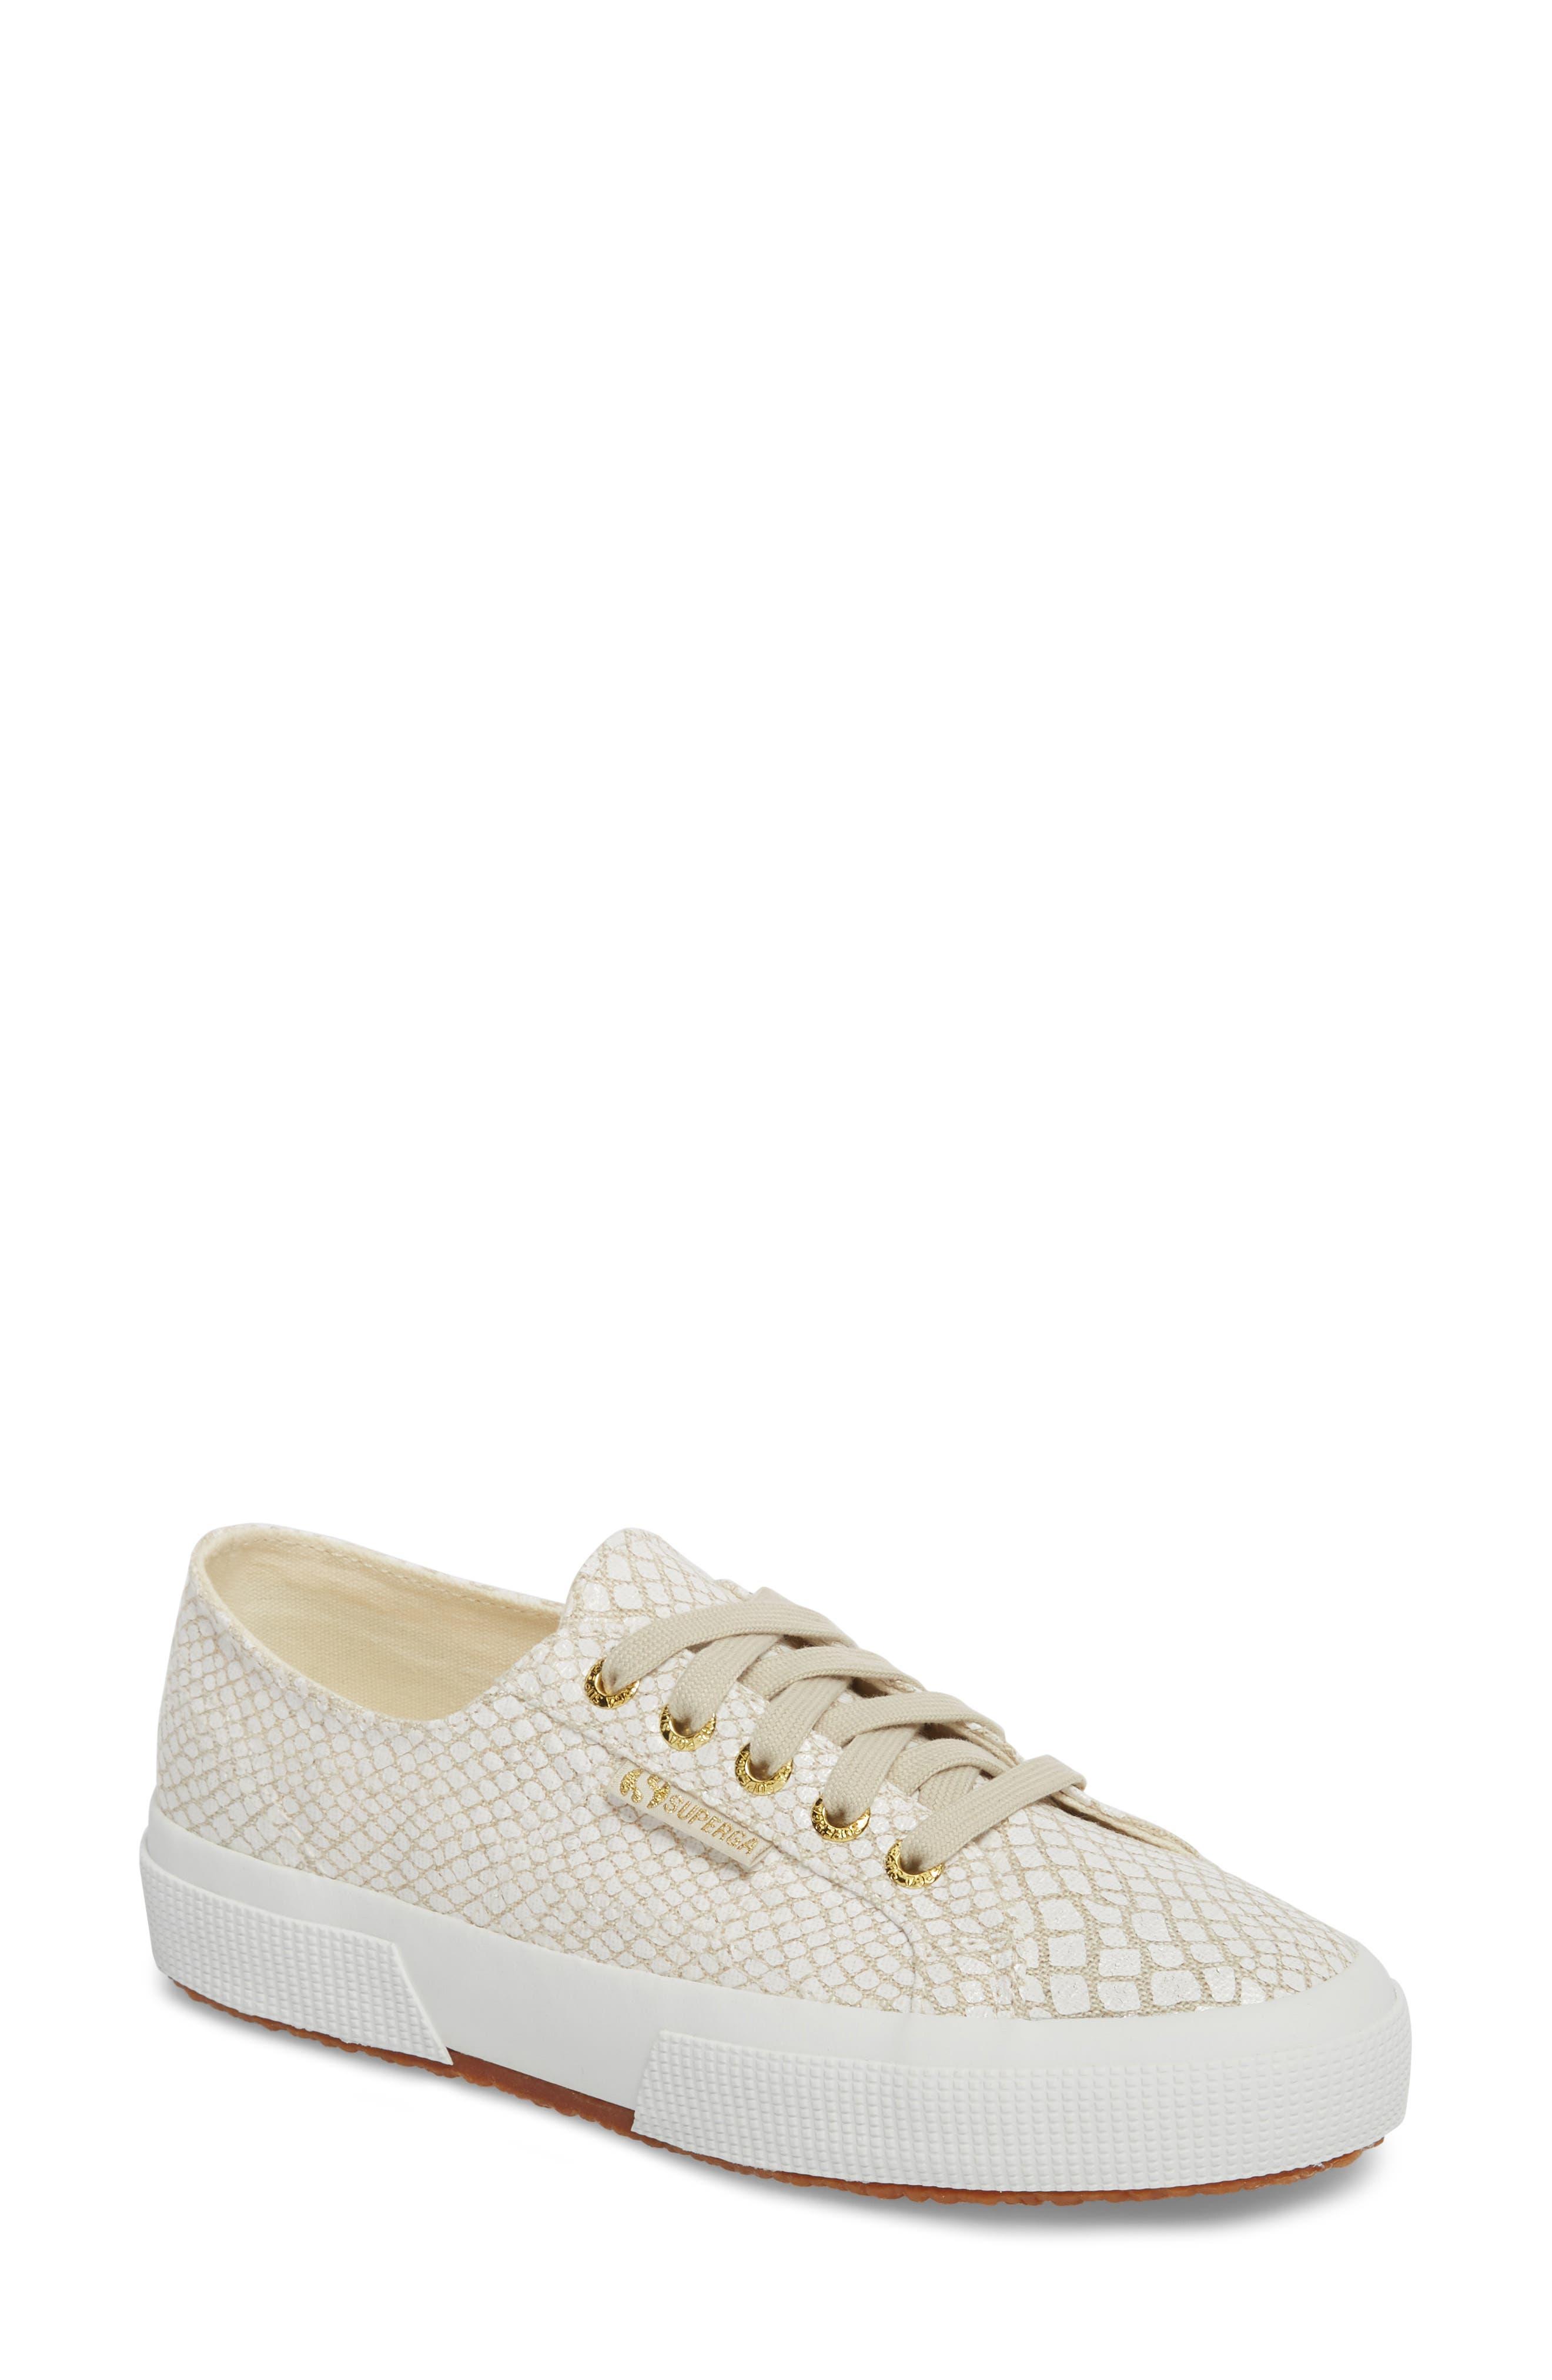 SUPERGA 2750 Low Top Sneaker, Main, color, 107